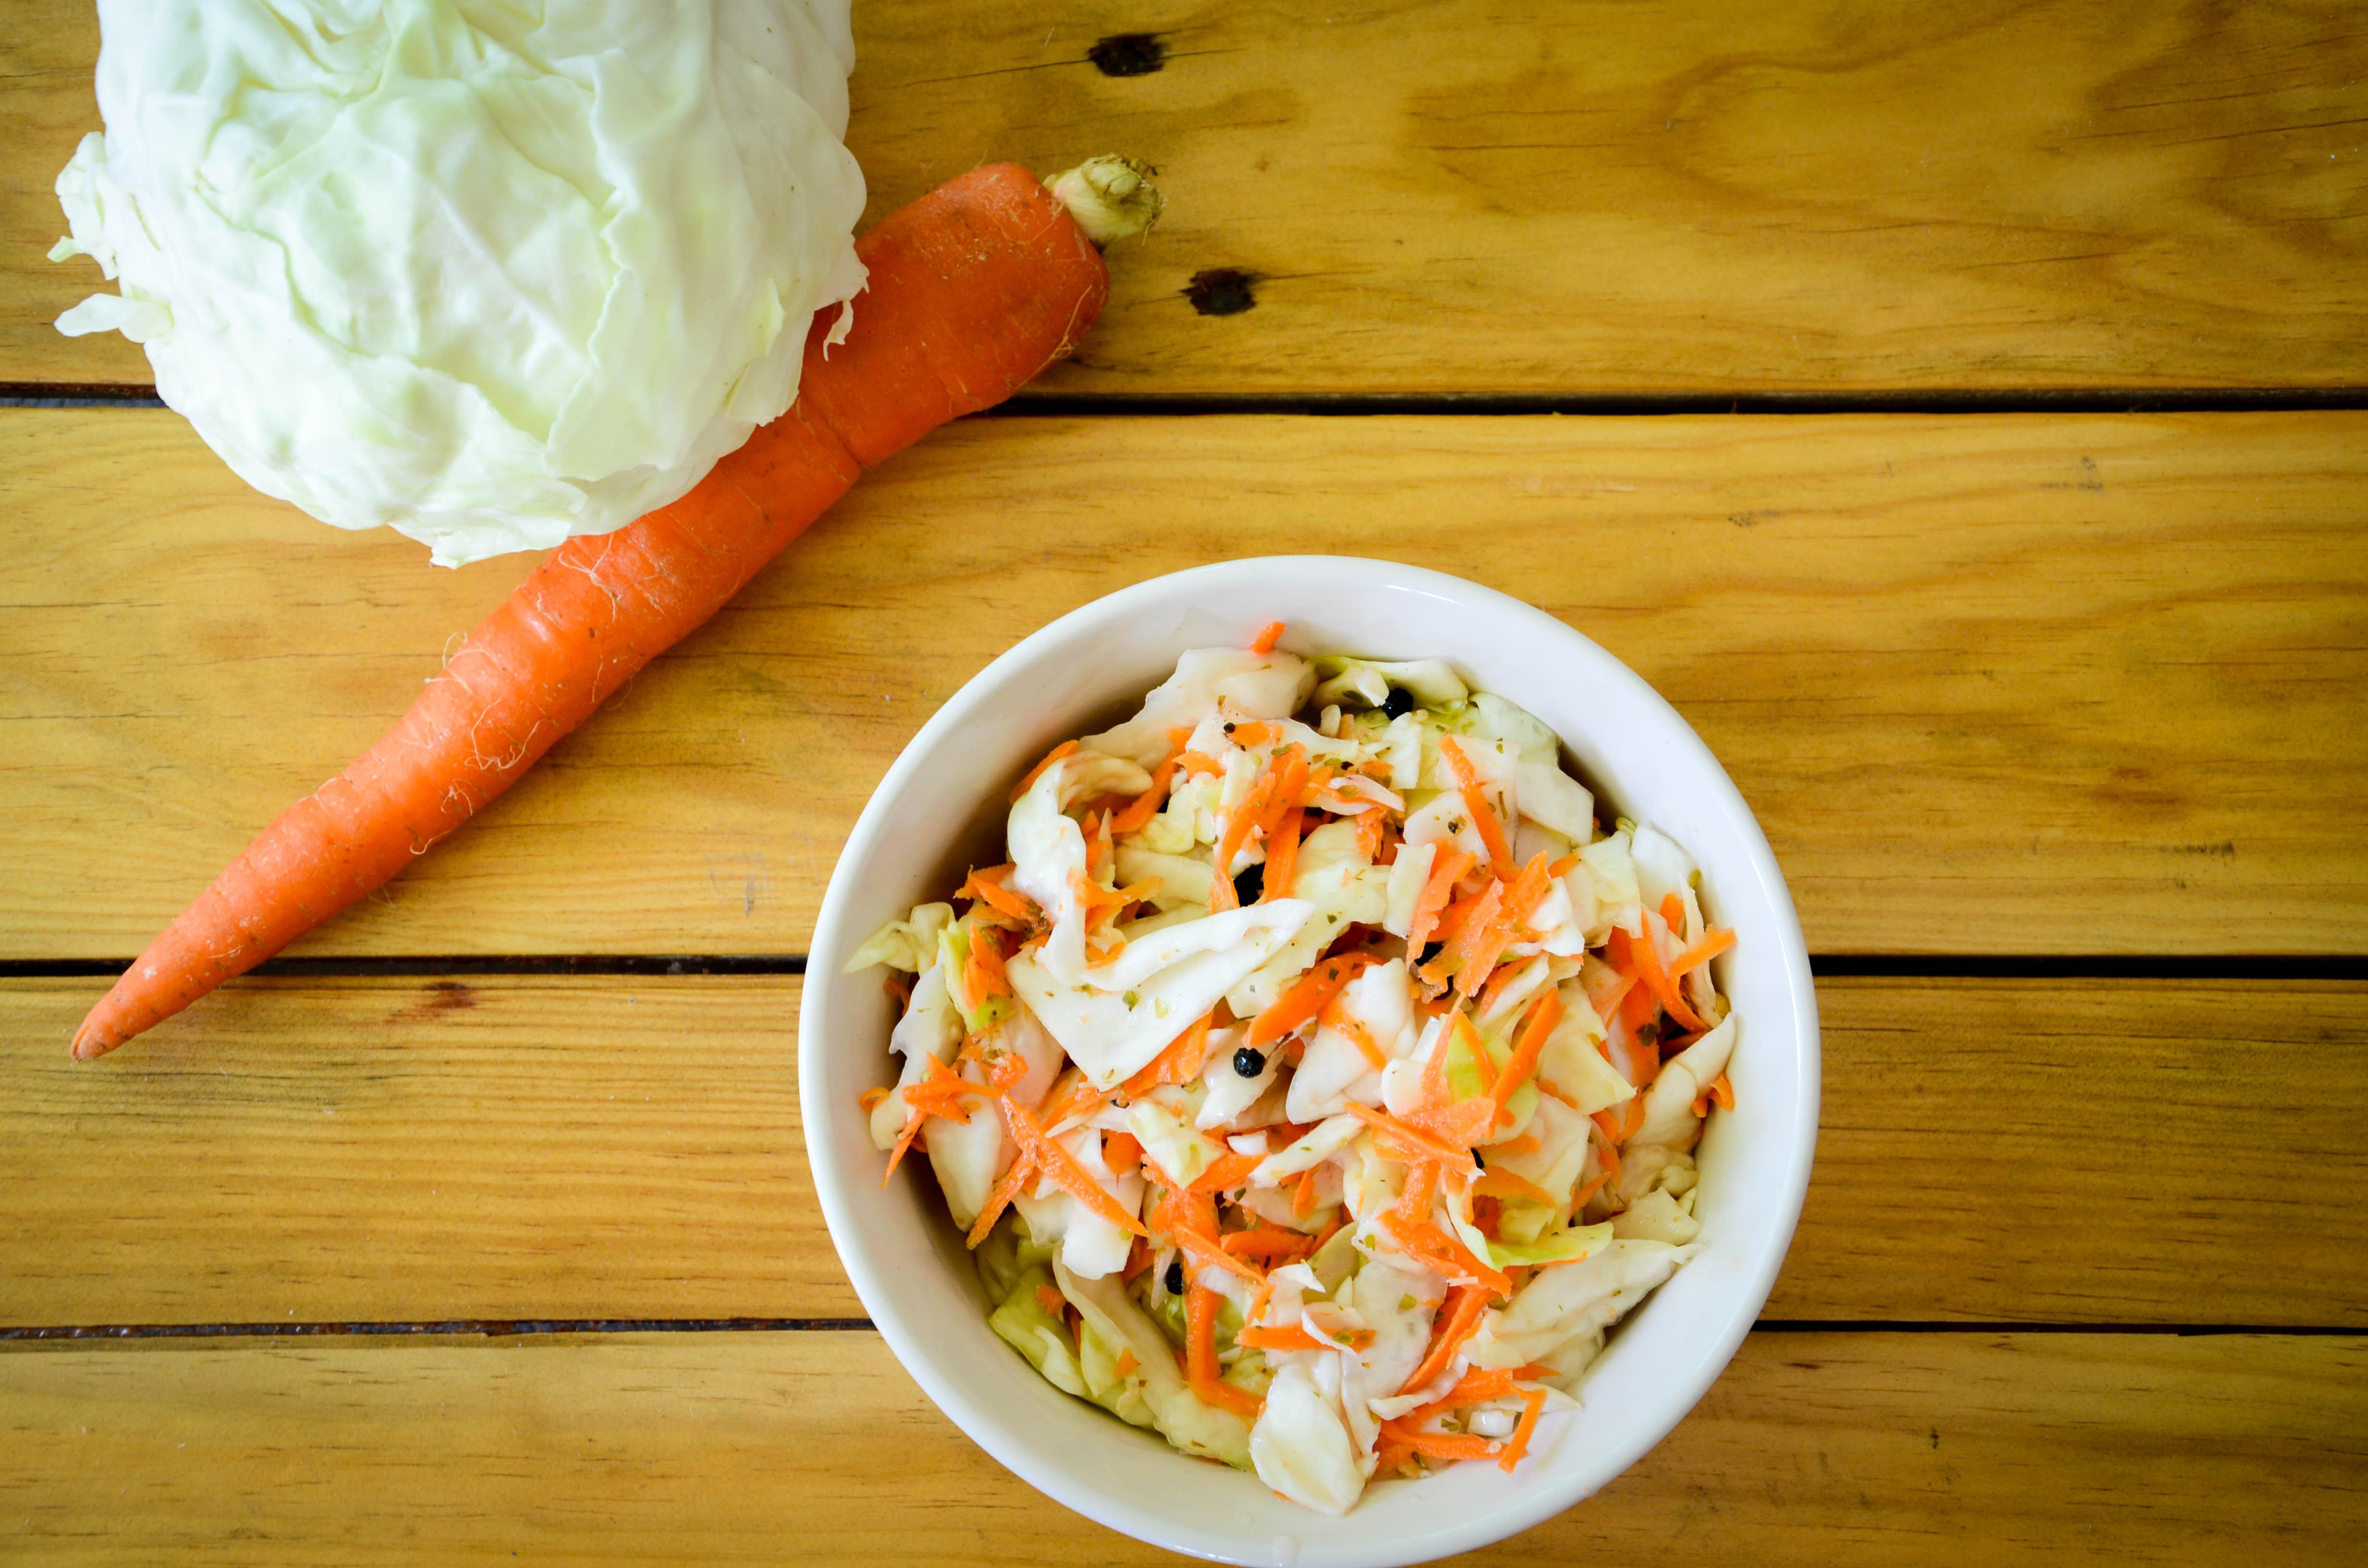 encurtido de repollo y zanahorias - Brighter Bites